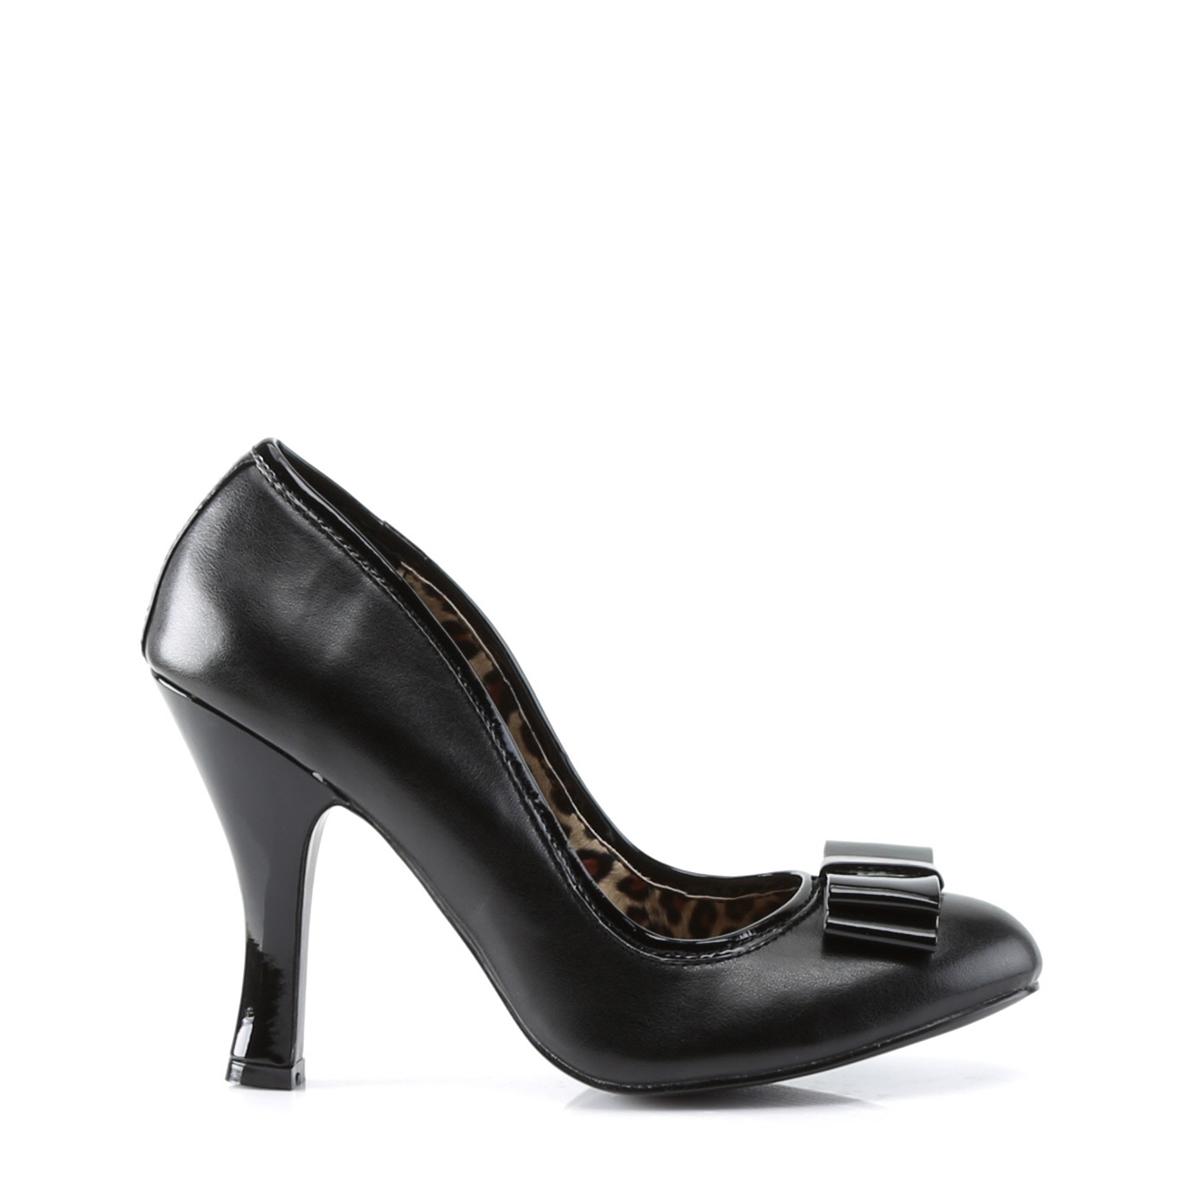 PIN Up Couture SMITTEN - 01 | Aspetto Gradevole  Gradevole  Gradevole  | Uomo/Donna Scarpa  784ac5